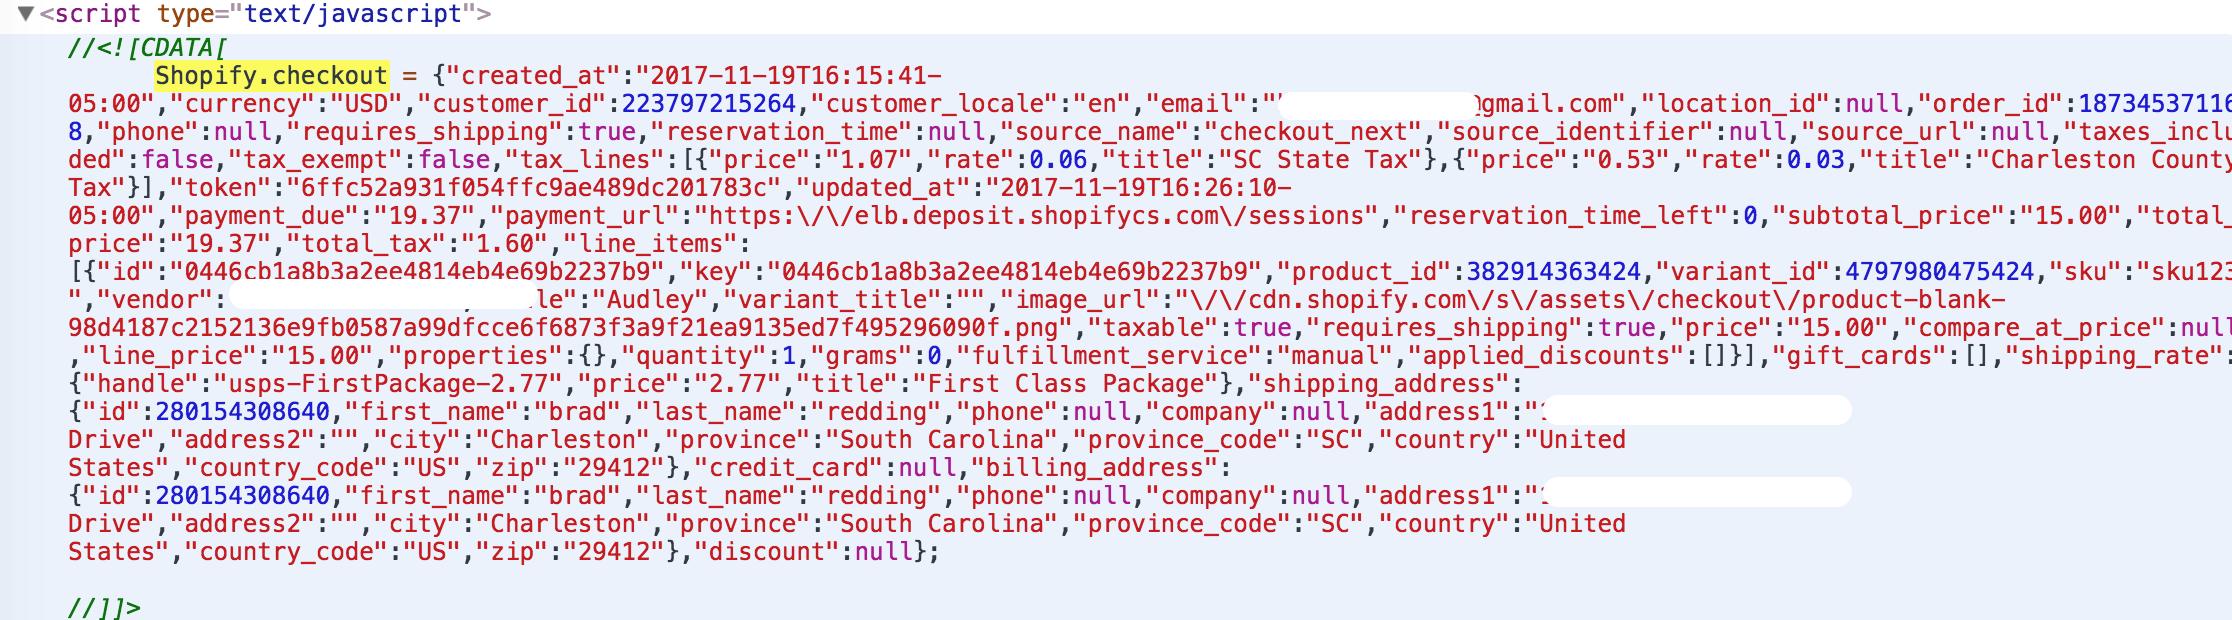 Shopify Script